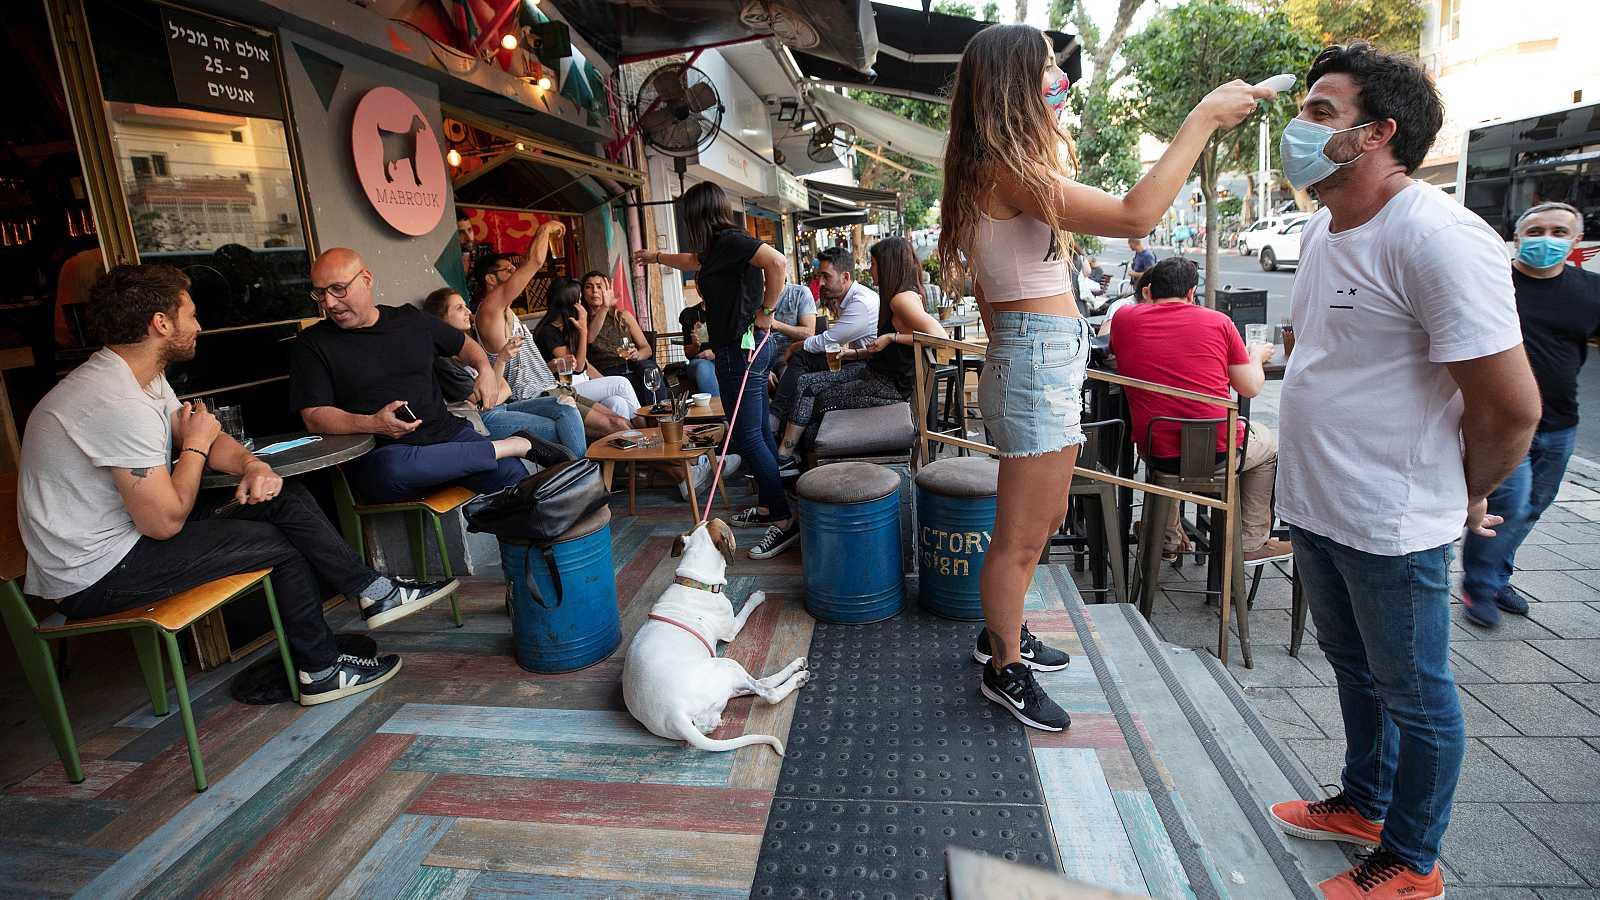 Con una media de cien nuevos positivos de coronavirus al día, los israelíes tendrán que esperar para completar su desescalada. Se vuelve a retrasar la reapertura de cines, teatros y salas de conciertos en ciudades como Jerusalén o Tel-Aviv.